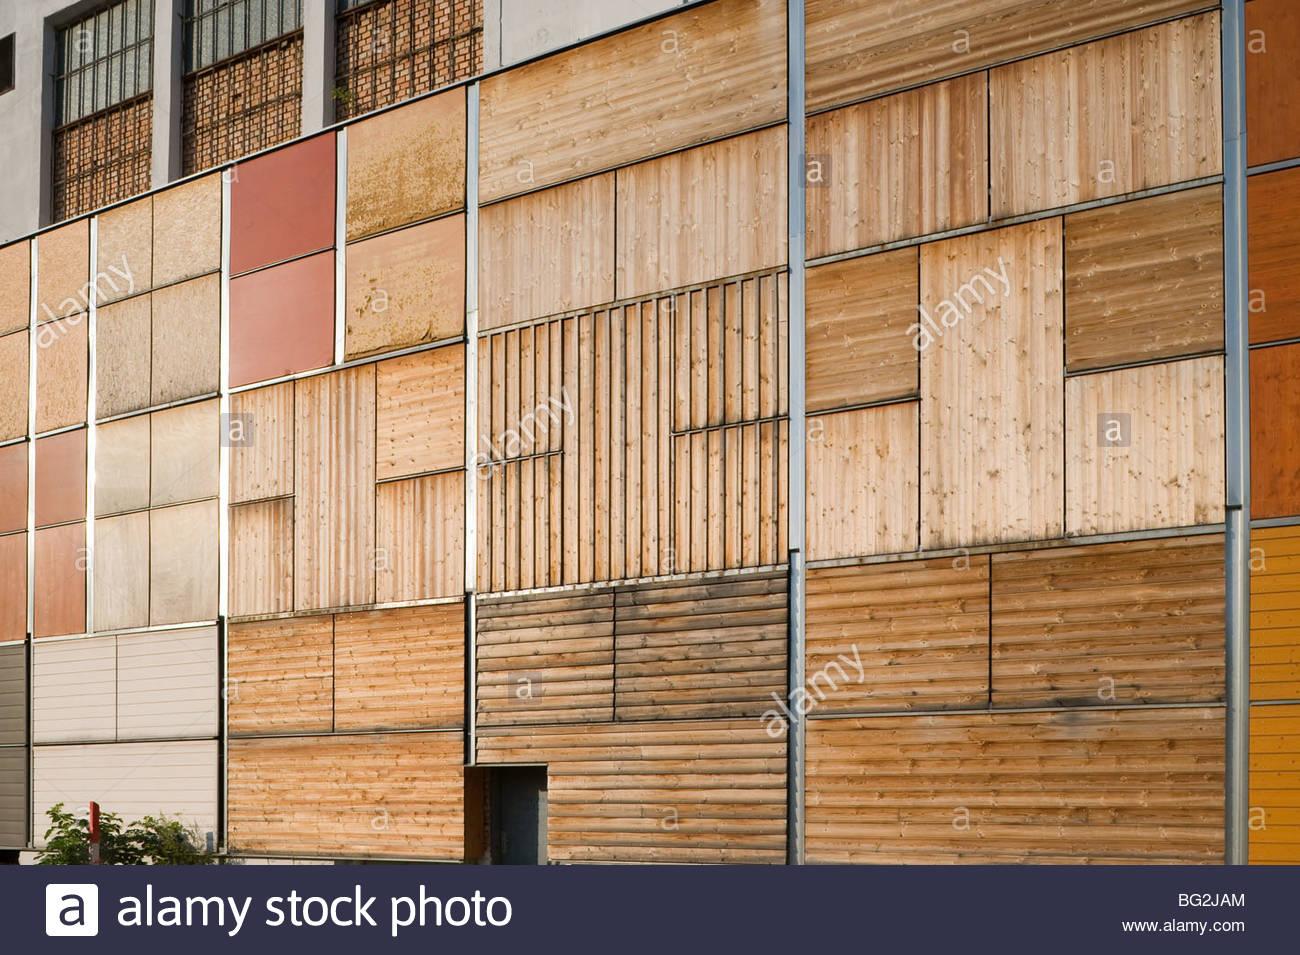 Top Holzfassade - Holz Fassade Stockfoto, Bild: 27103180 - Alamy ZD82